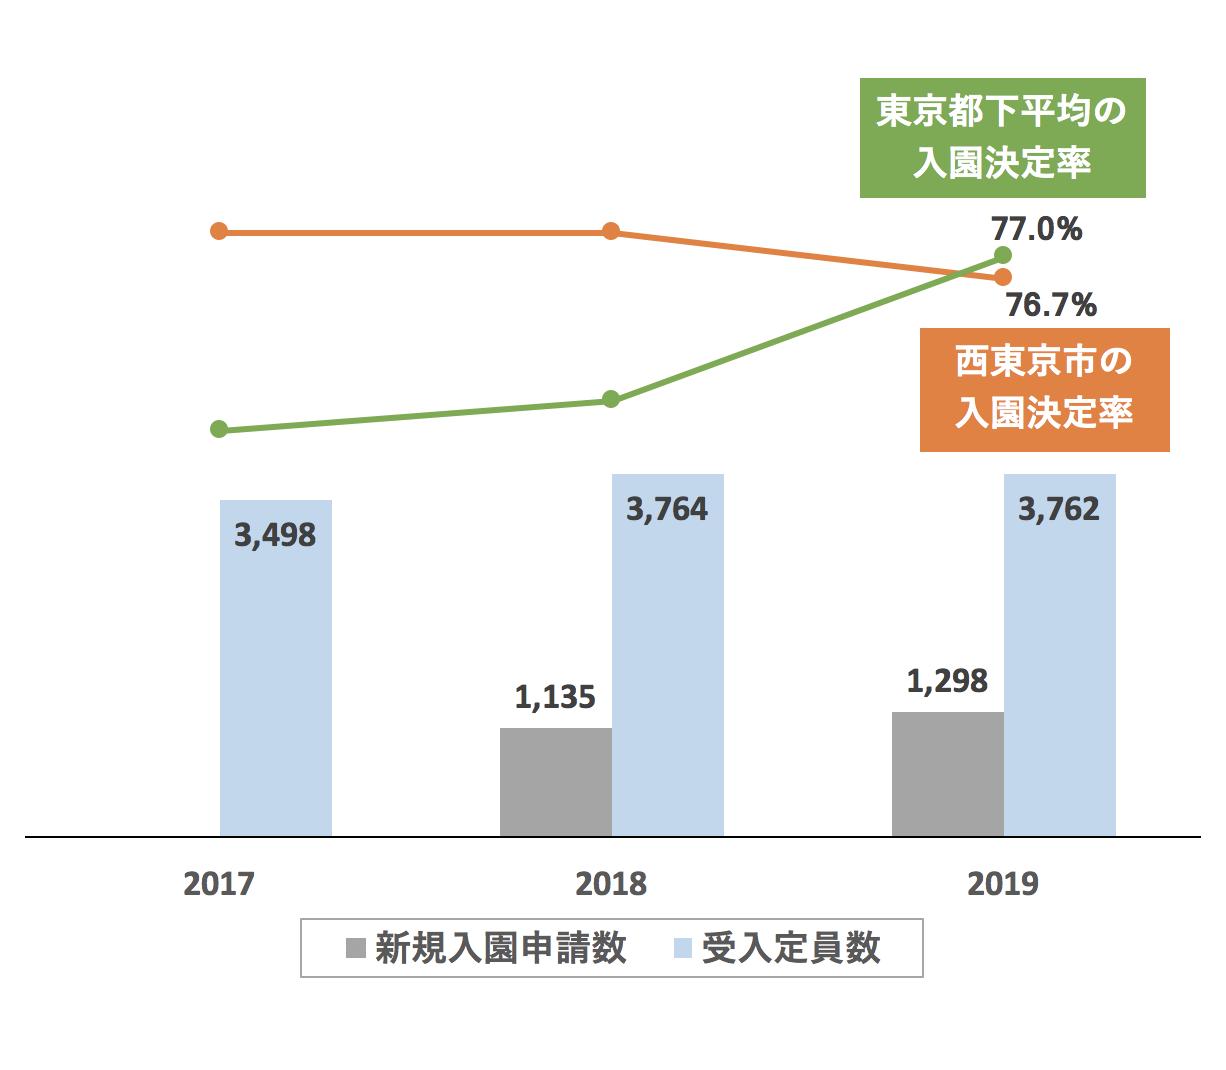 西東京市の新規入園決定率の推移や変化・保育園定員数の推移や変化・新規申込児童数の推移や変化